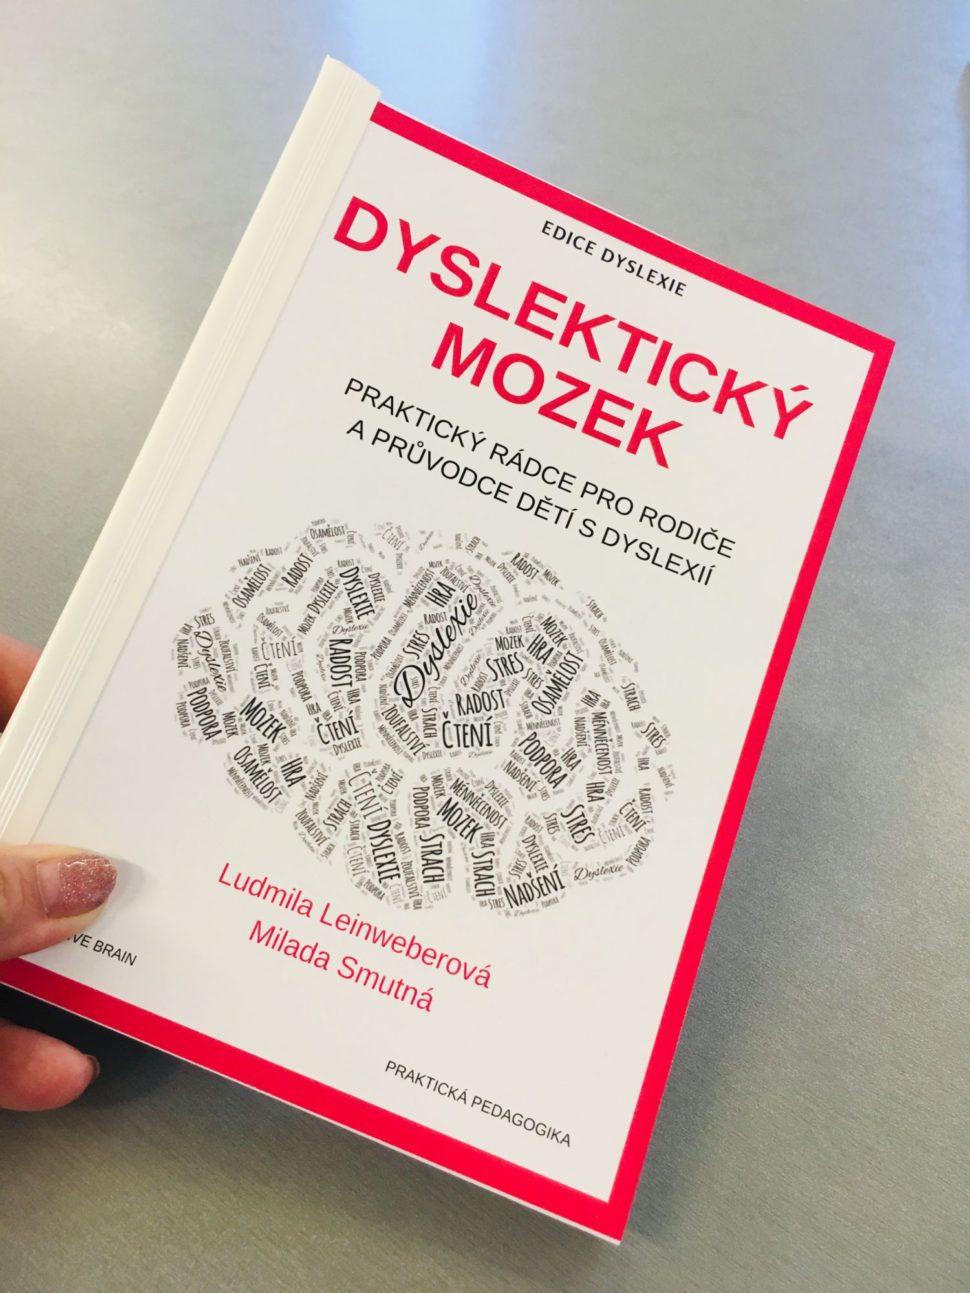 Dyslektický mozek